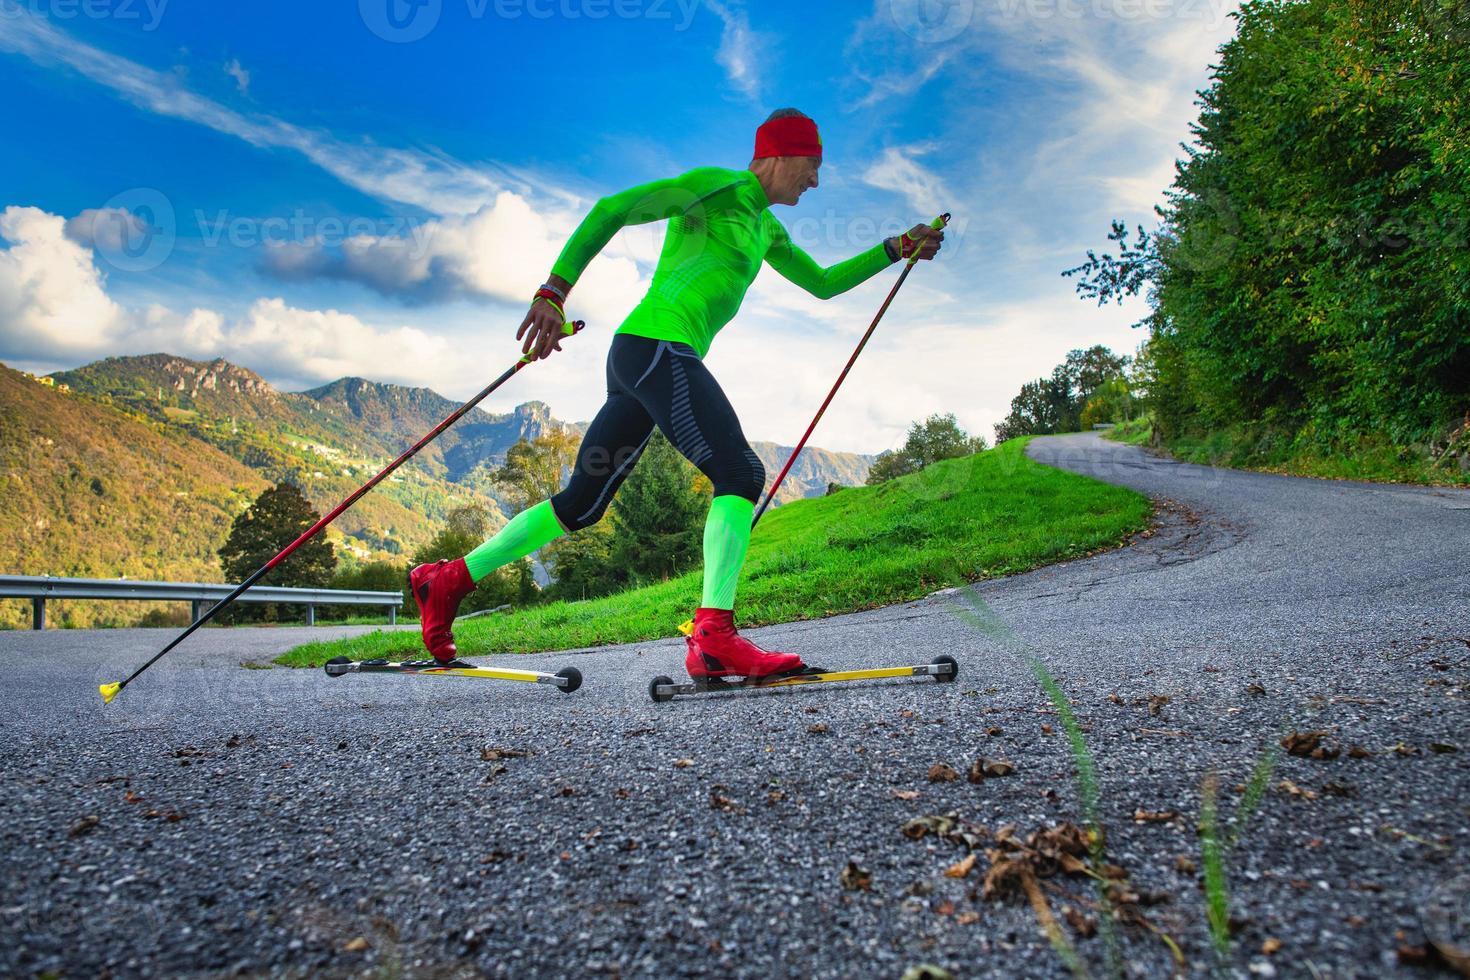 allenare un atleta sui pattini a rotelle. simula lo sci nordico foto